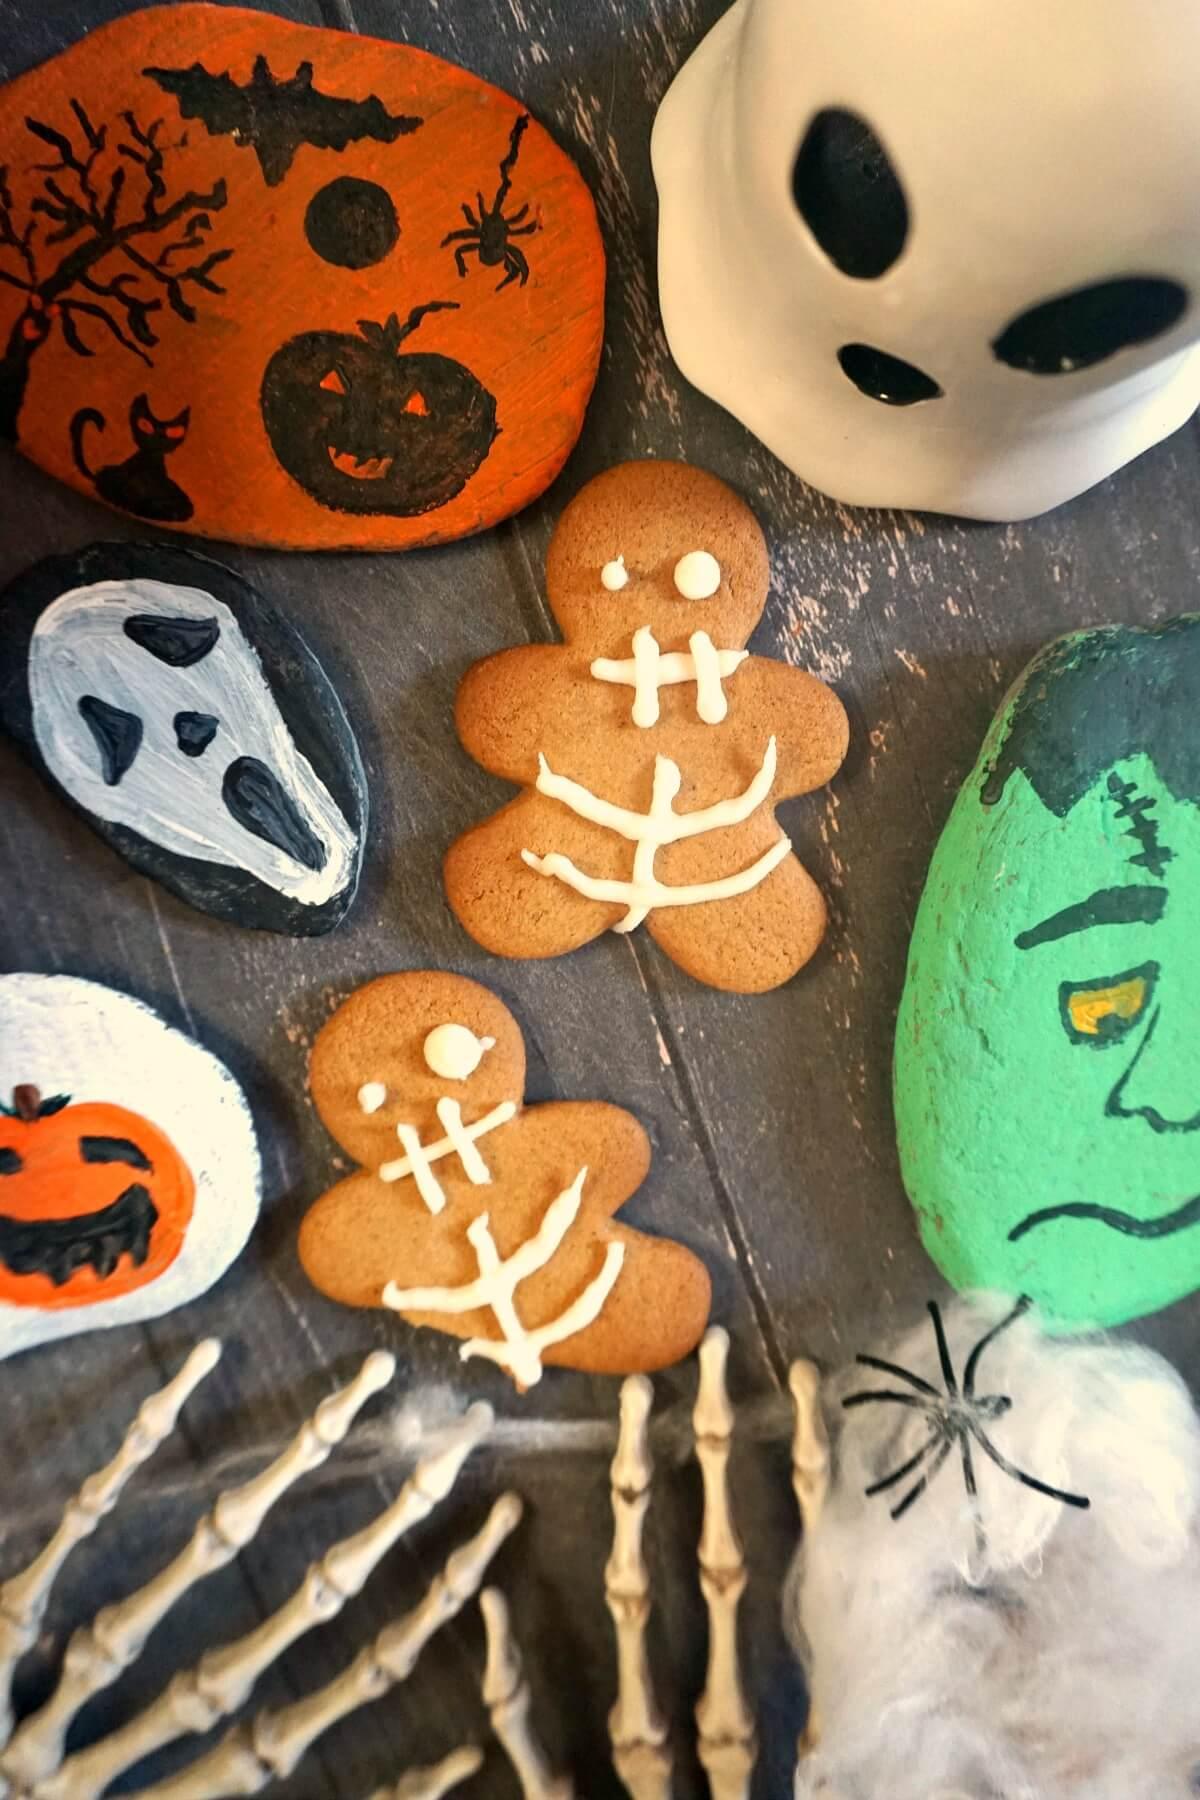 Overhead shoot of 2 Halloween gingerbread men with Halloween decorations around